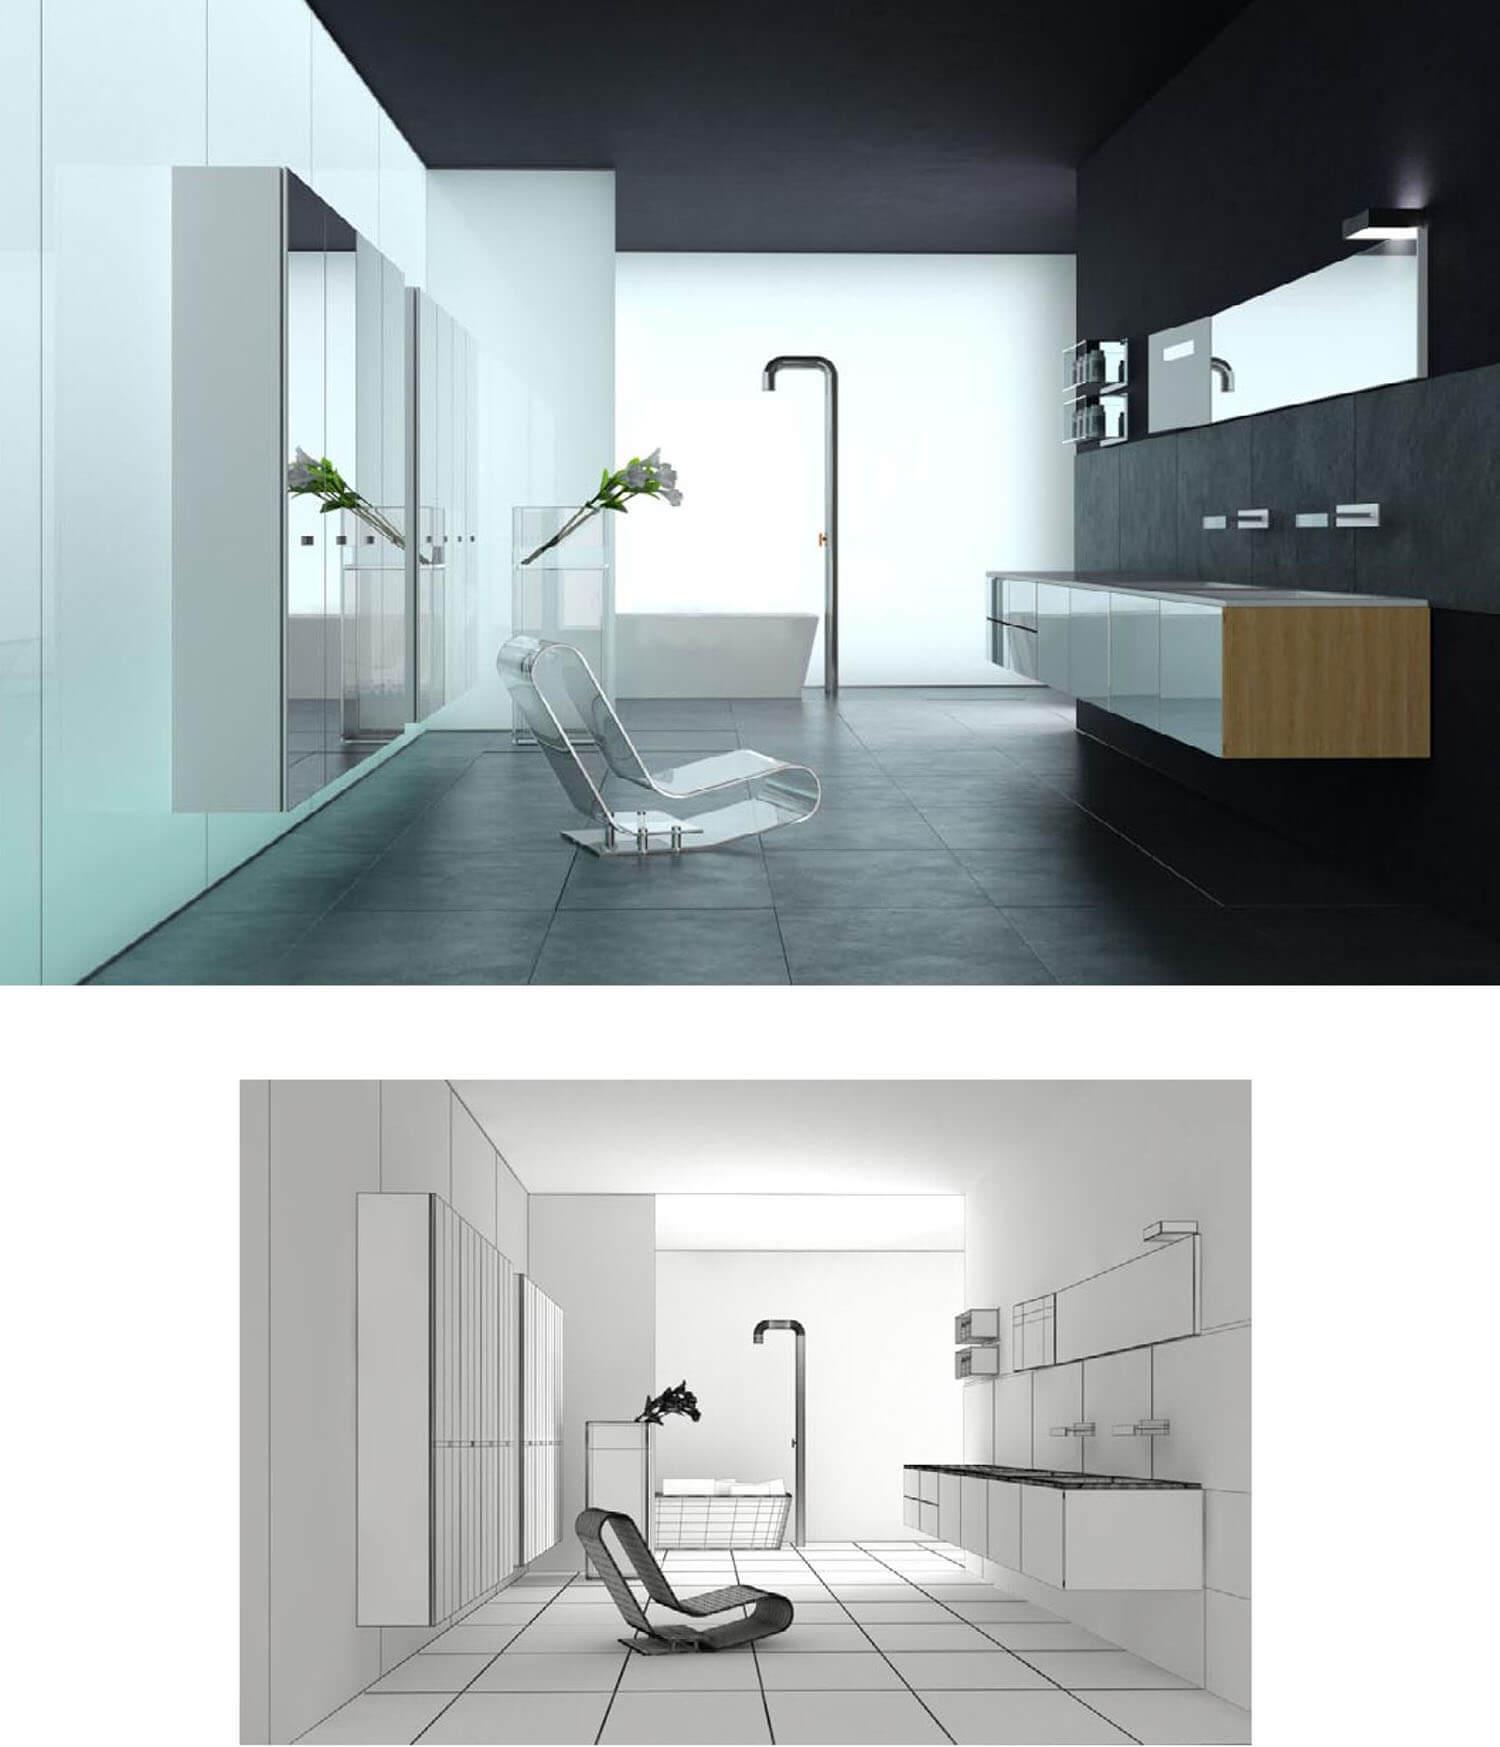 Thiết kế phòng tắm được bằng hệ thống tủ kệ kính trong